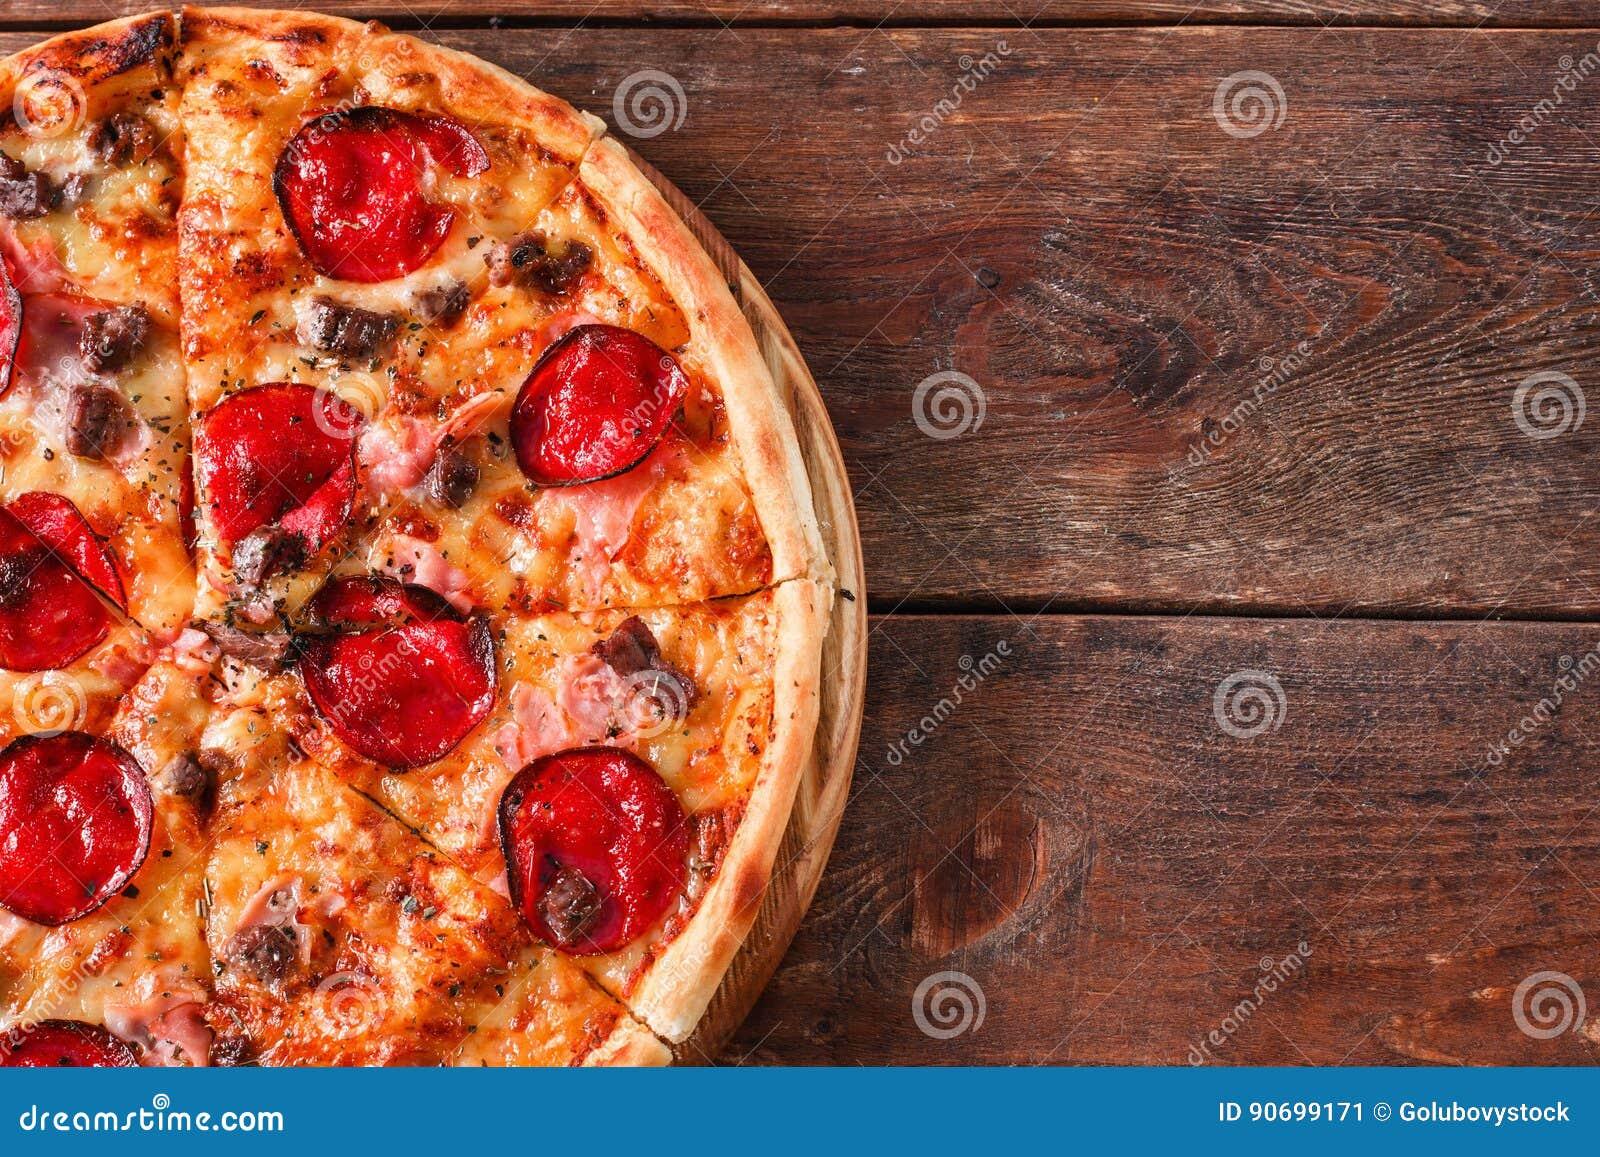 Köstliche Pizza mit Salami und Speck, flache Lage